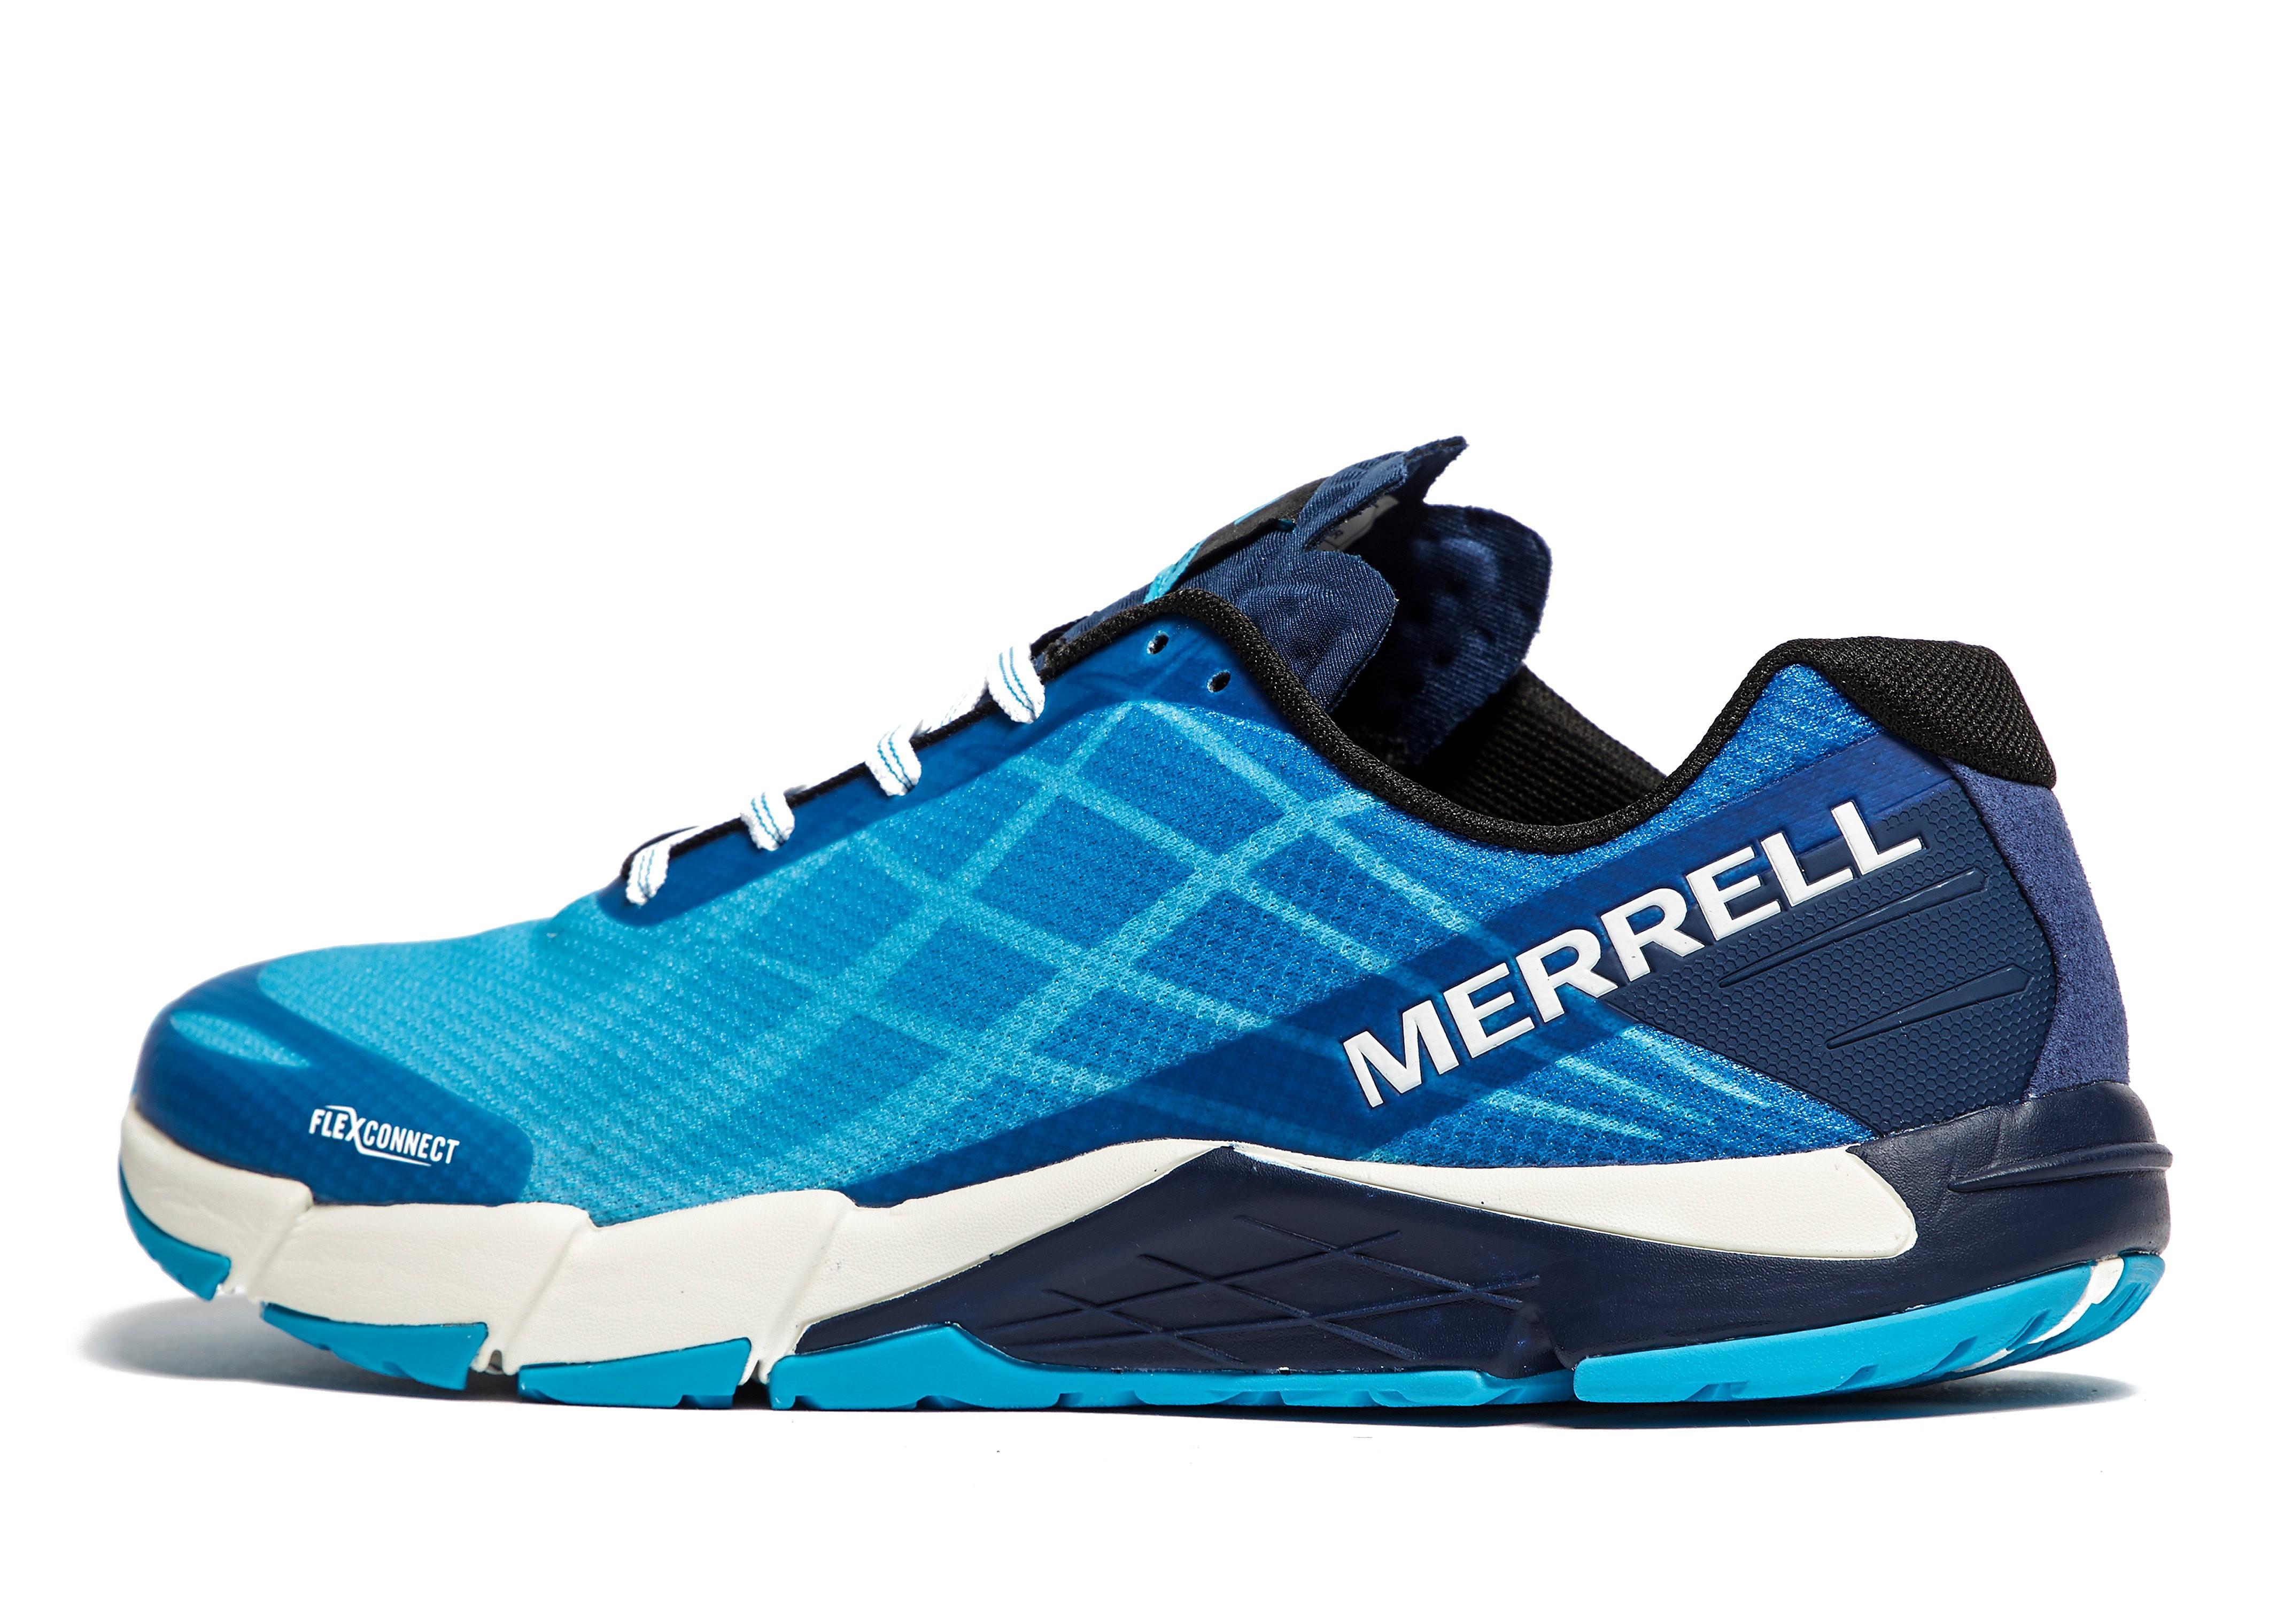 Merrell Bare Access Flex Running Shoes